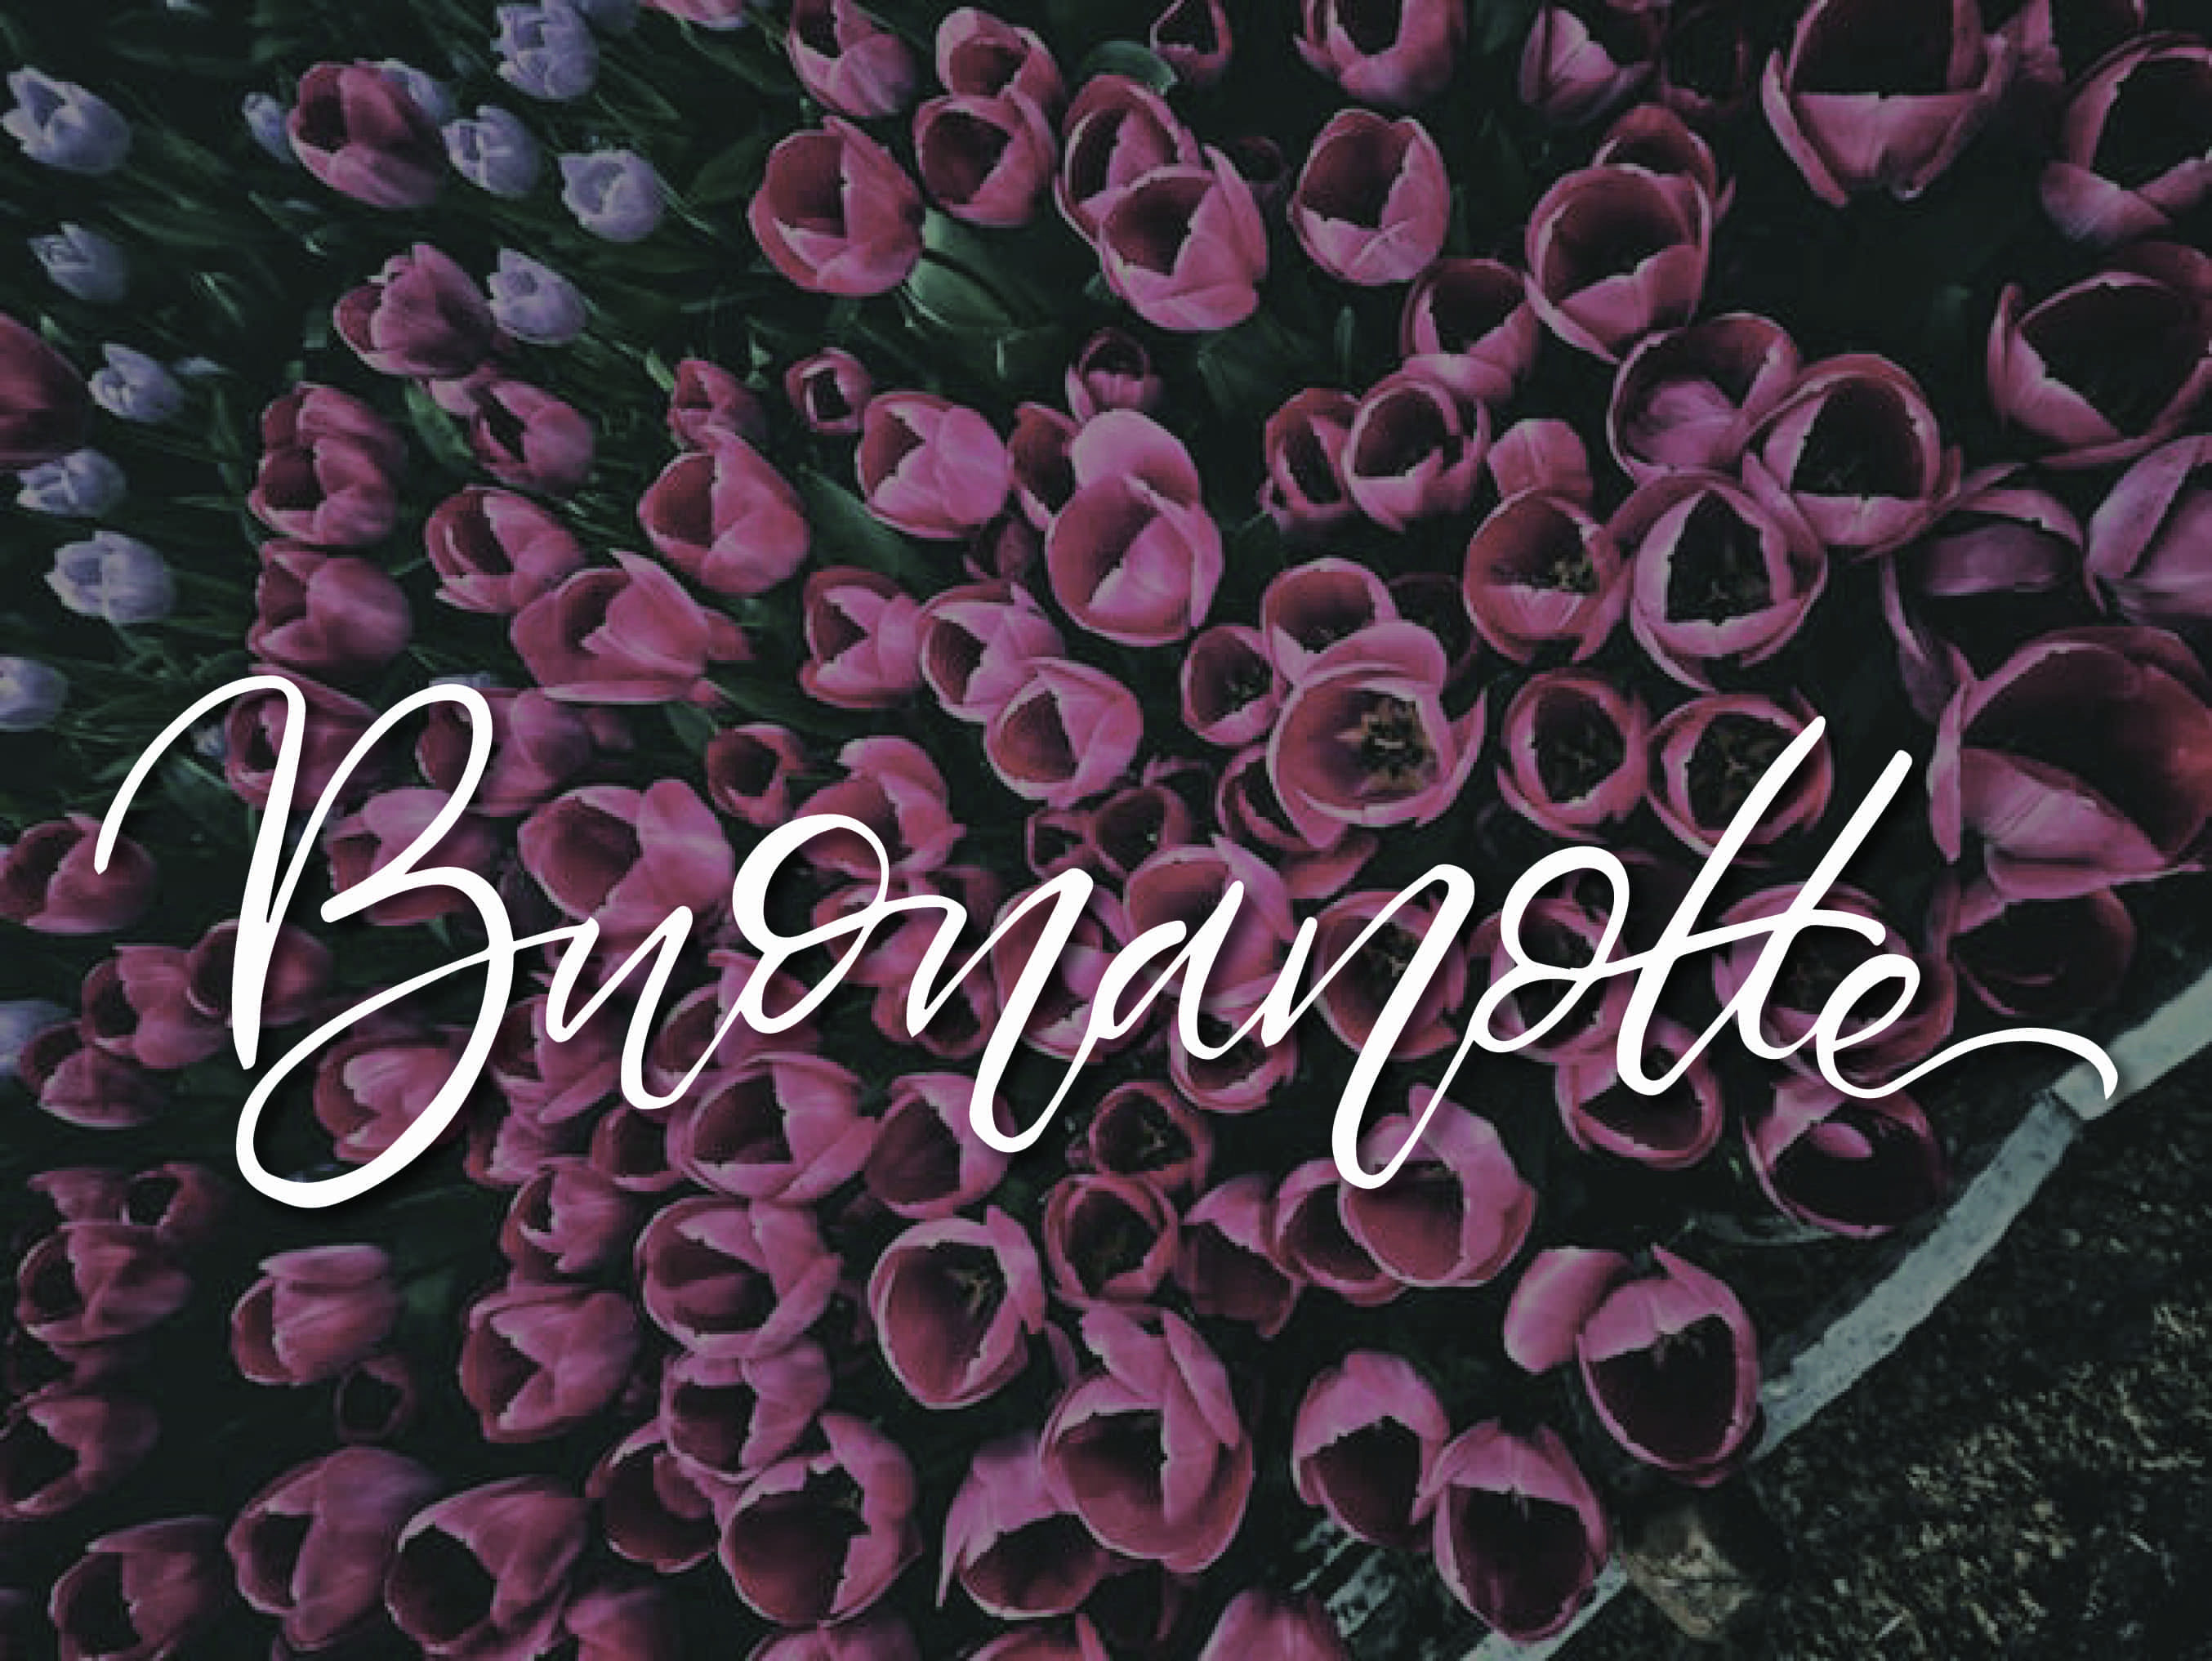 Buonanotte con i tulipani foto per Facebook